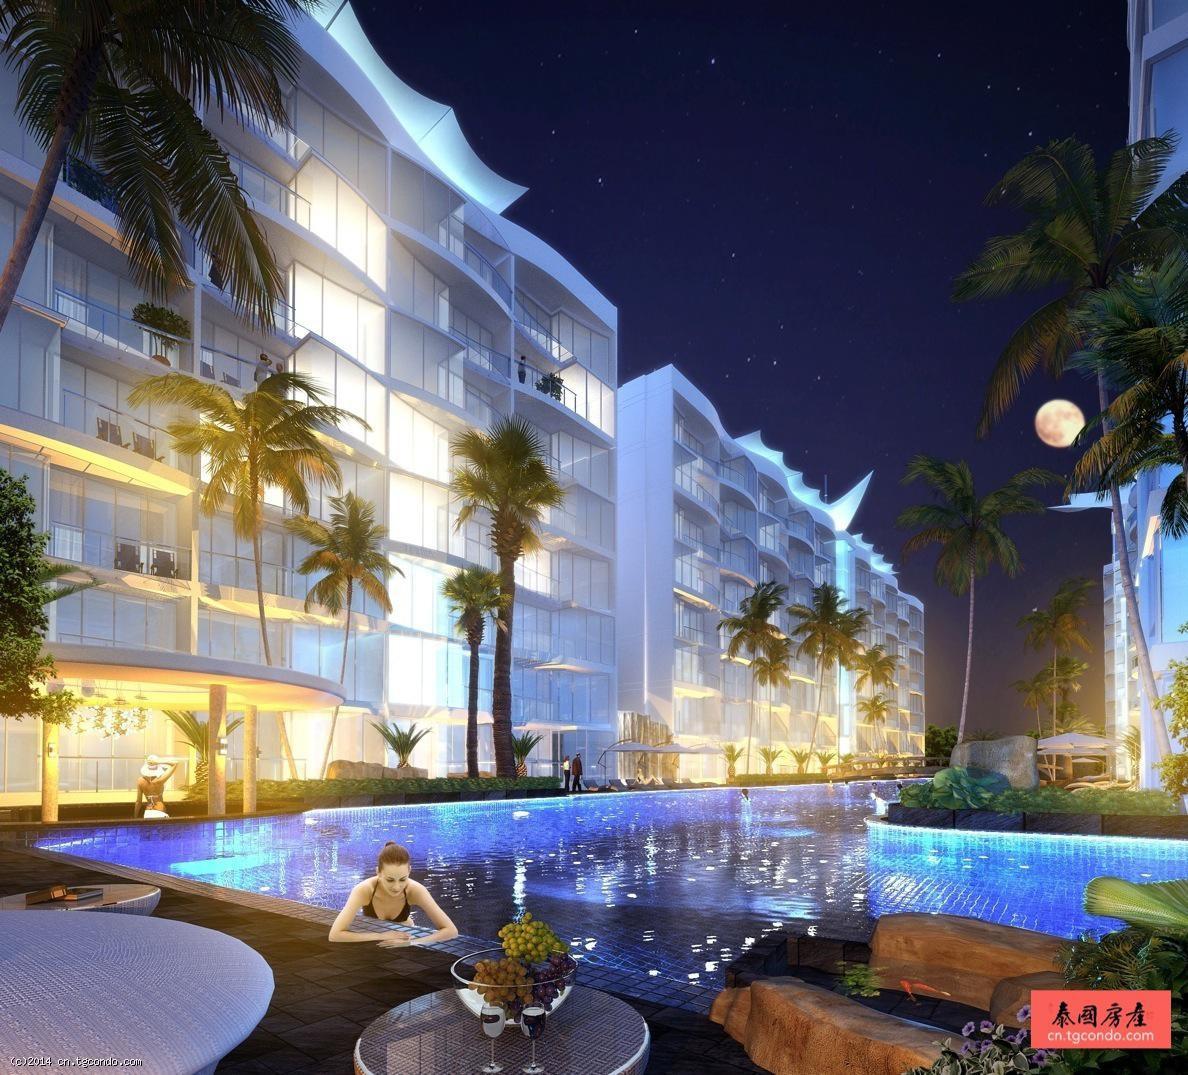 芭提雅酒店公寓郁金香60平2卧Golden Tulip Hotel Residence